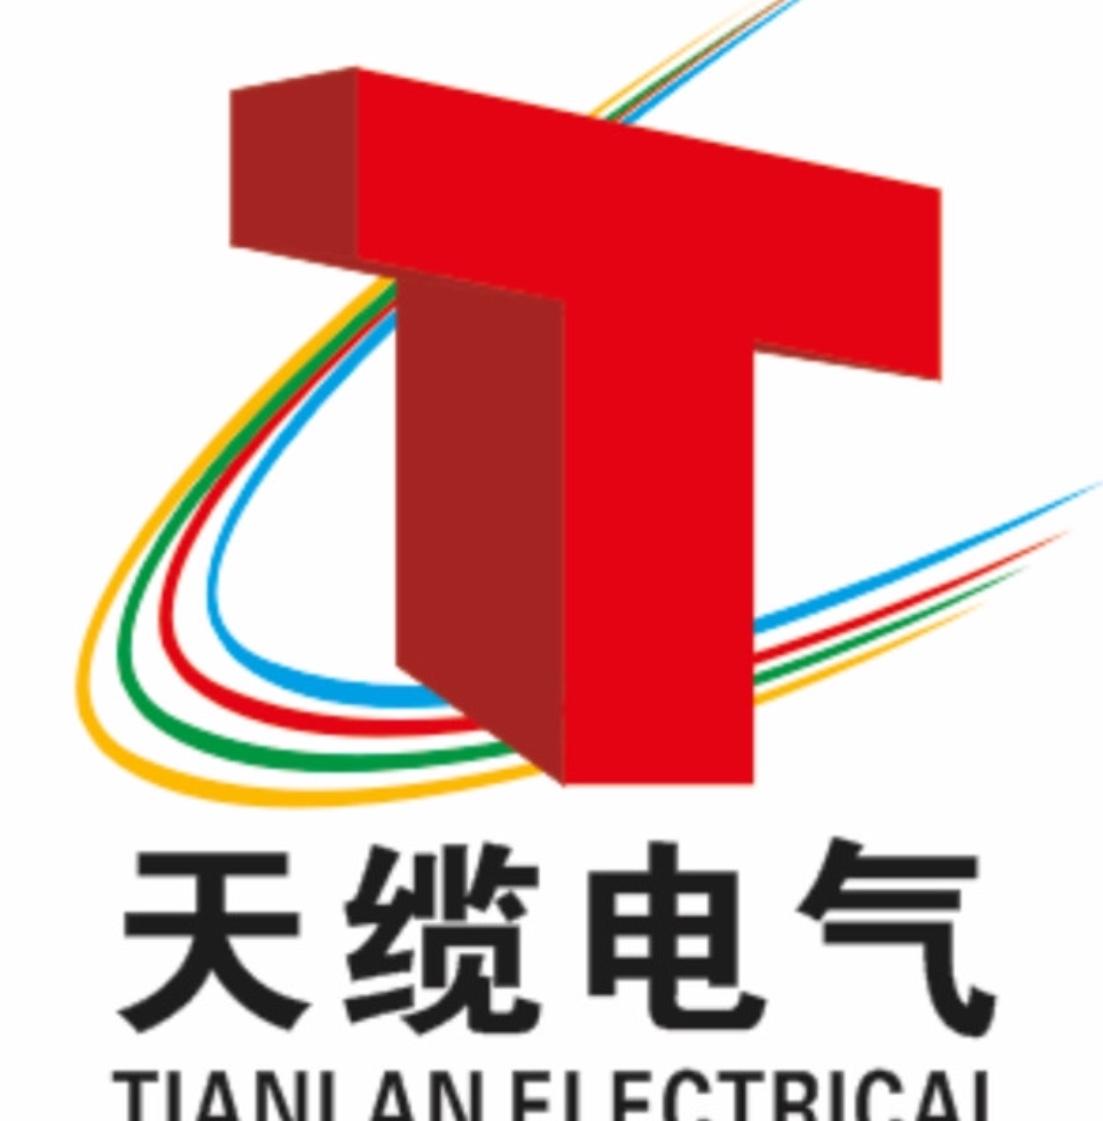 安徽天缆电气有限公司